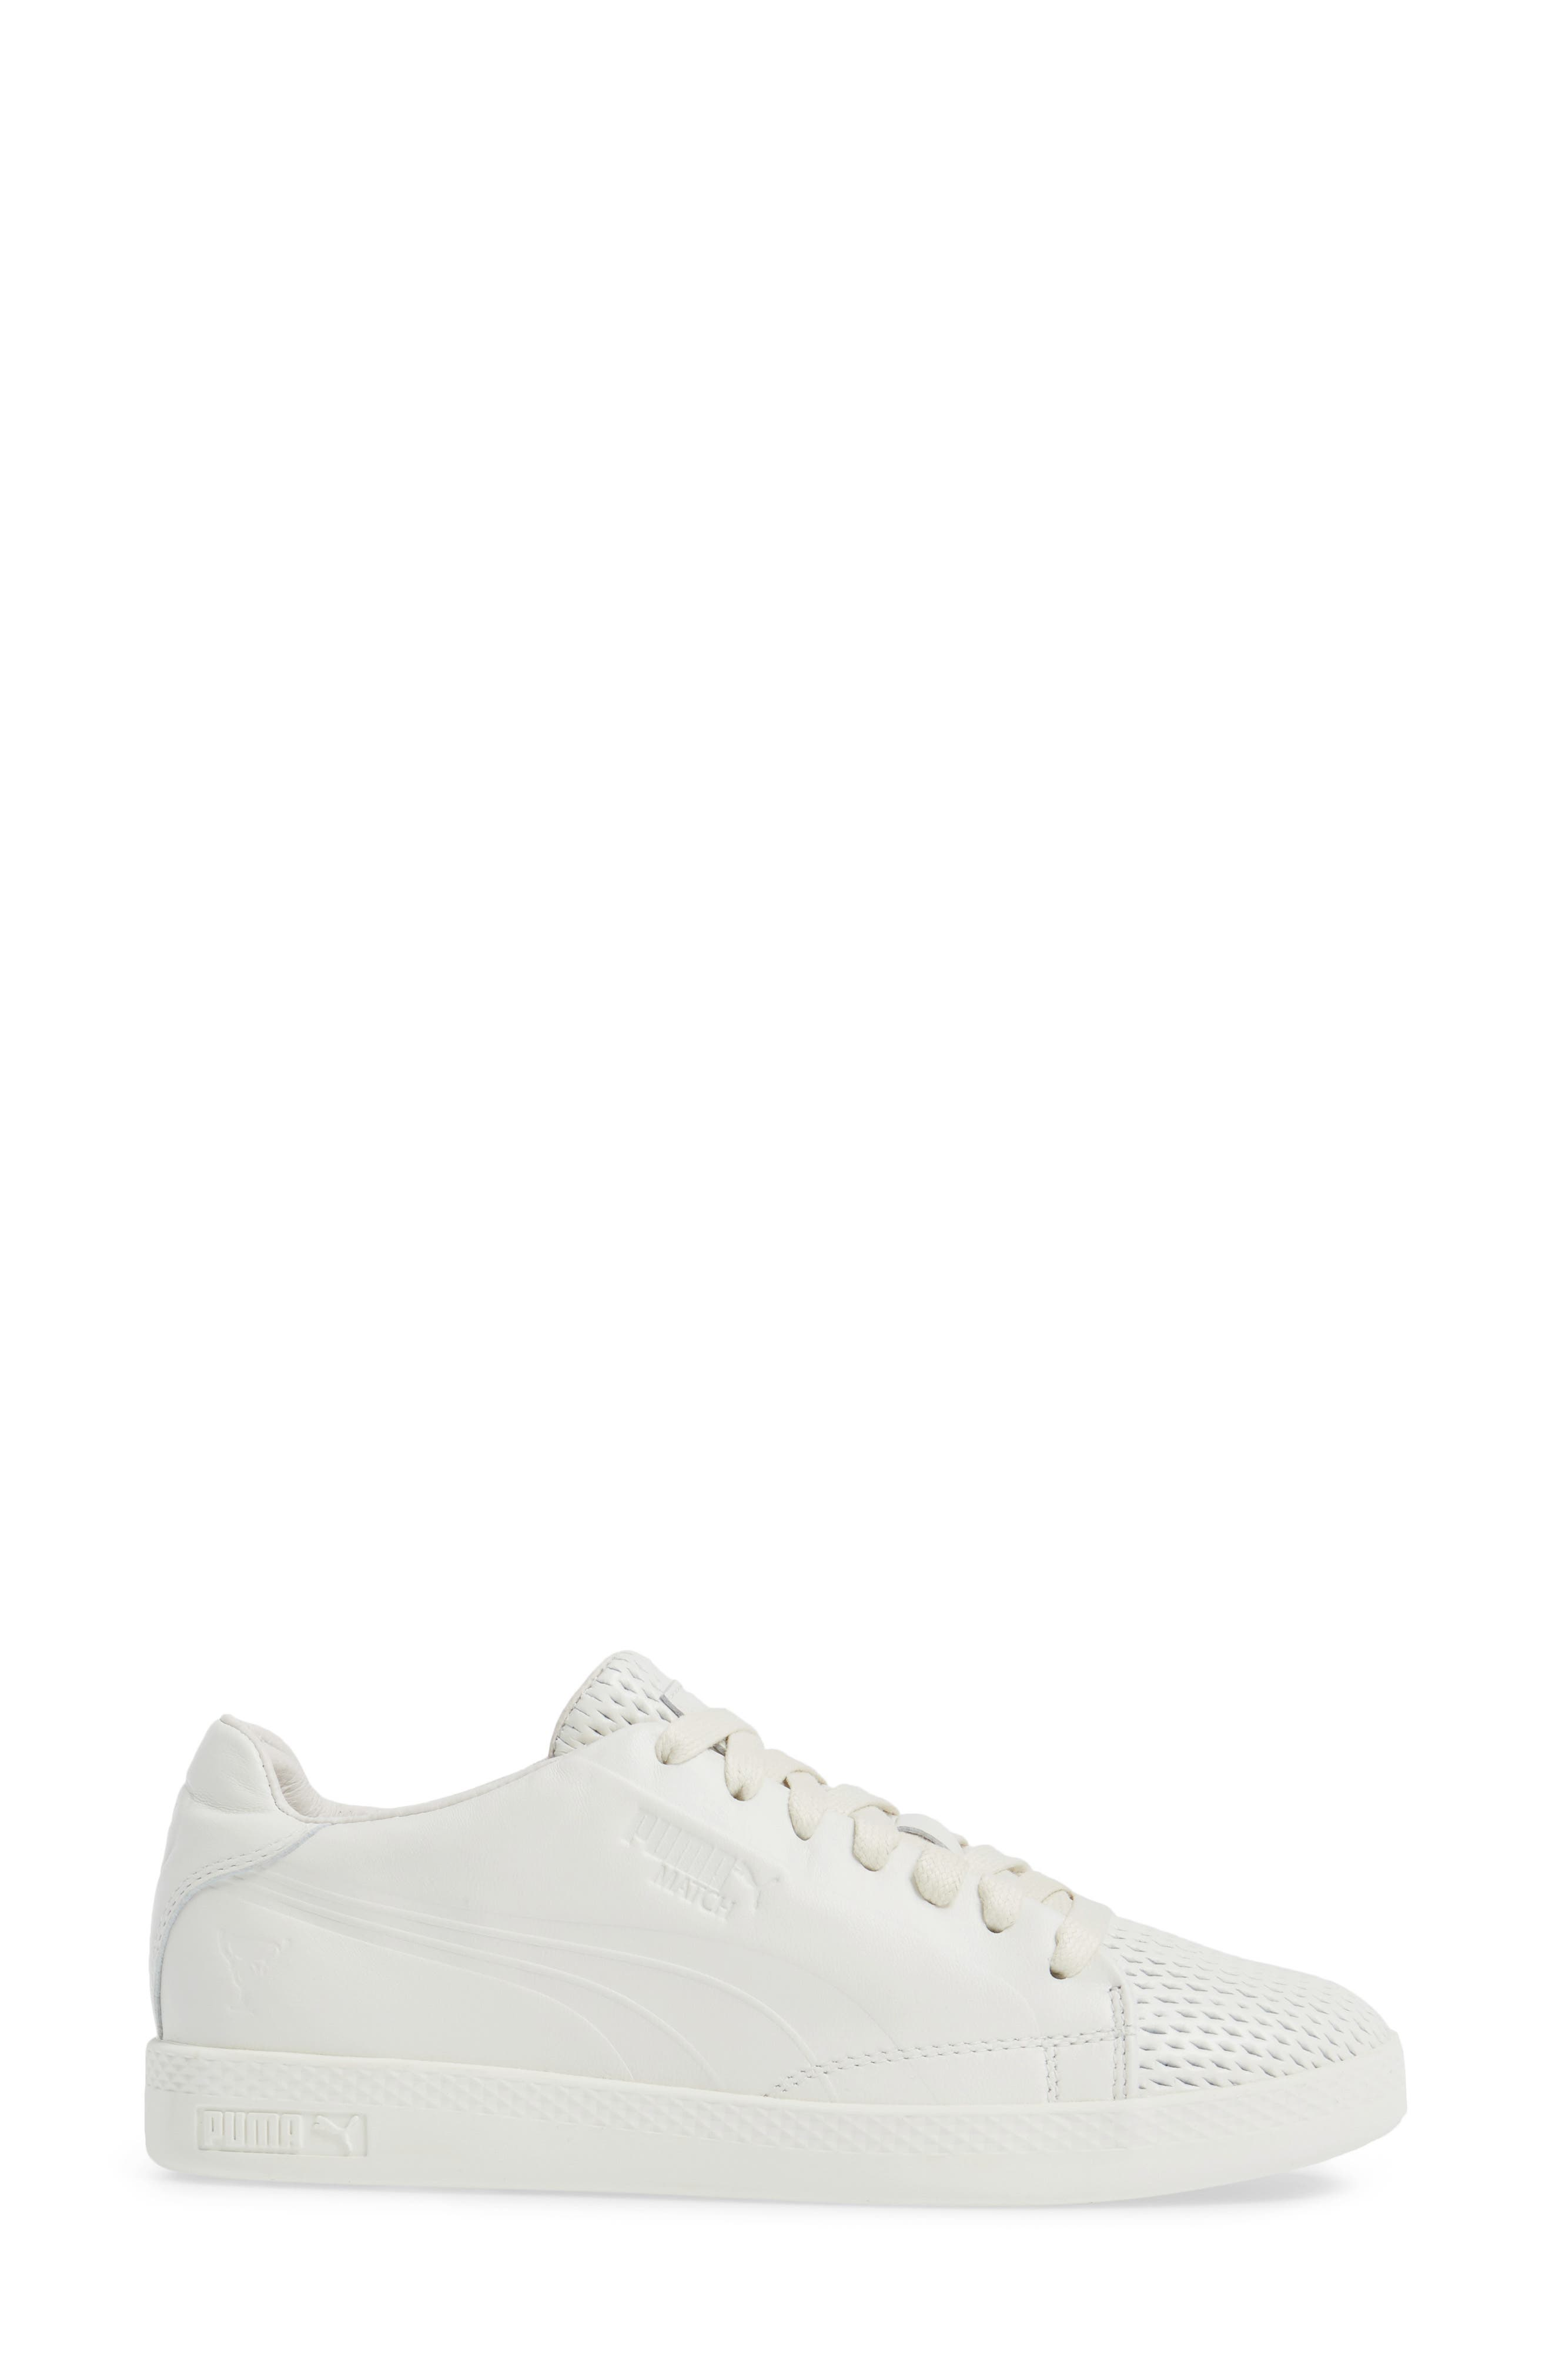 Match Lo Open Sneaker,                             Alternate thumbnail 3, color,                             Whisper White/ Whisper White